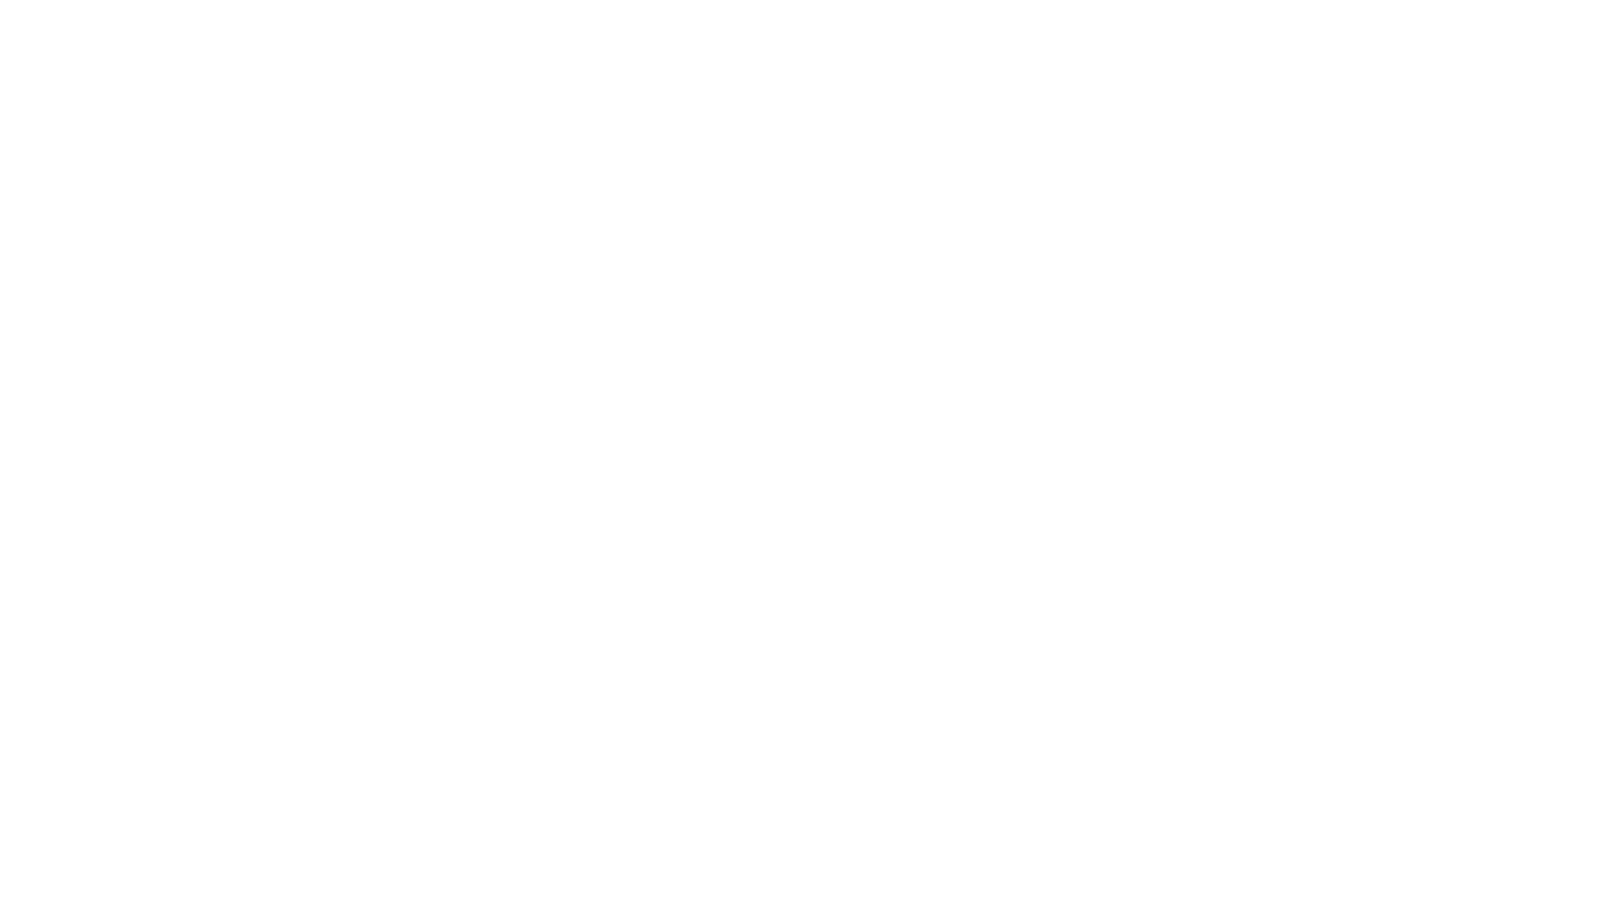 Marcelo Brandão, pesquisador do Centro de Biologia Molecular e Engenharia Genética (CBMEG), ligado à Coordenadoria de Centros e Núcleos Interdisciplinares de Pesquisa (Cocen) pergunta se a chapa Uma Só Unicamp apoia que a Cocen tenha assento no Conselho Universitário. Essa é uma demanda importante para que que o conjunto de 21 Centros e Núcleos Interdisciplinares de Pesquisa tenham representatividade em decisões importantes da Universidade. Vamos ver o que Sergio Salles responde.